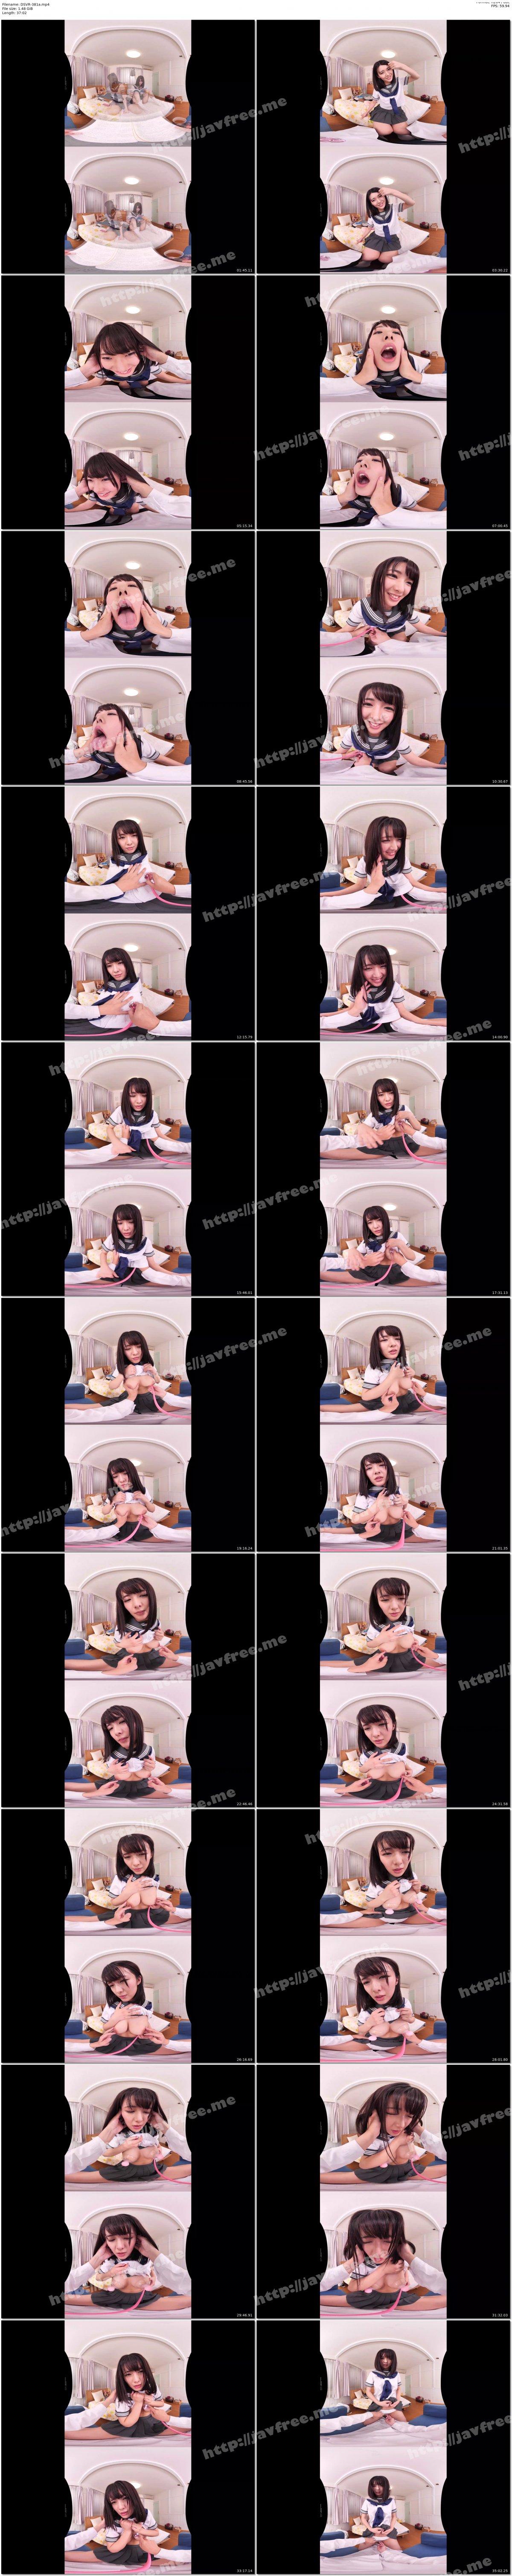 [DSVR-381] 【VR】小泉ひなたとお医者さんごっこVR 【聴診器でガチ心音を収録!乳首を触られてるときのドキドキや、挿入中の鼓動を聞いてシコリティUP!】 - image DSVR-381a on https://javfree.me